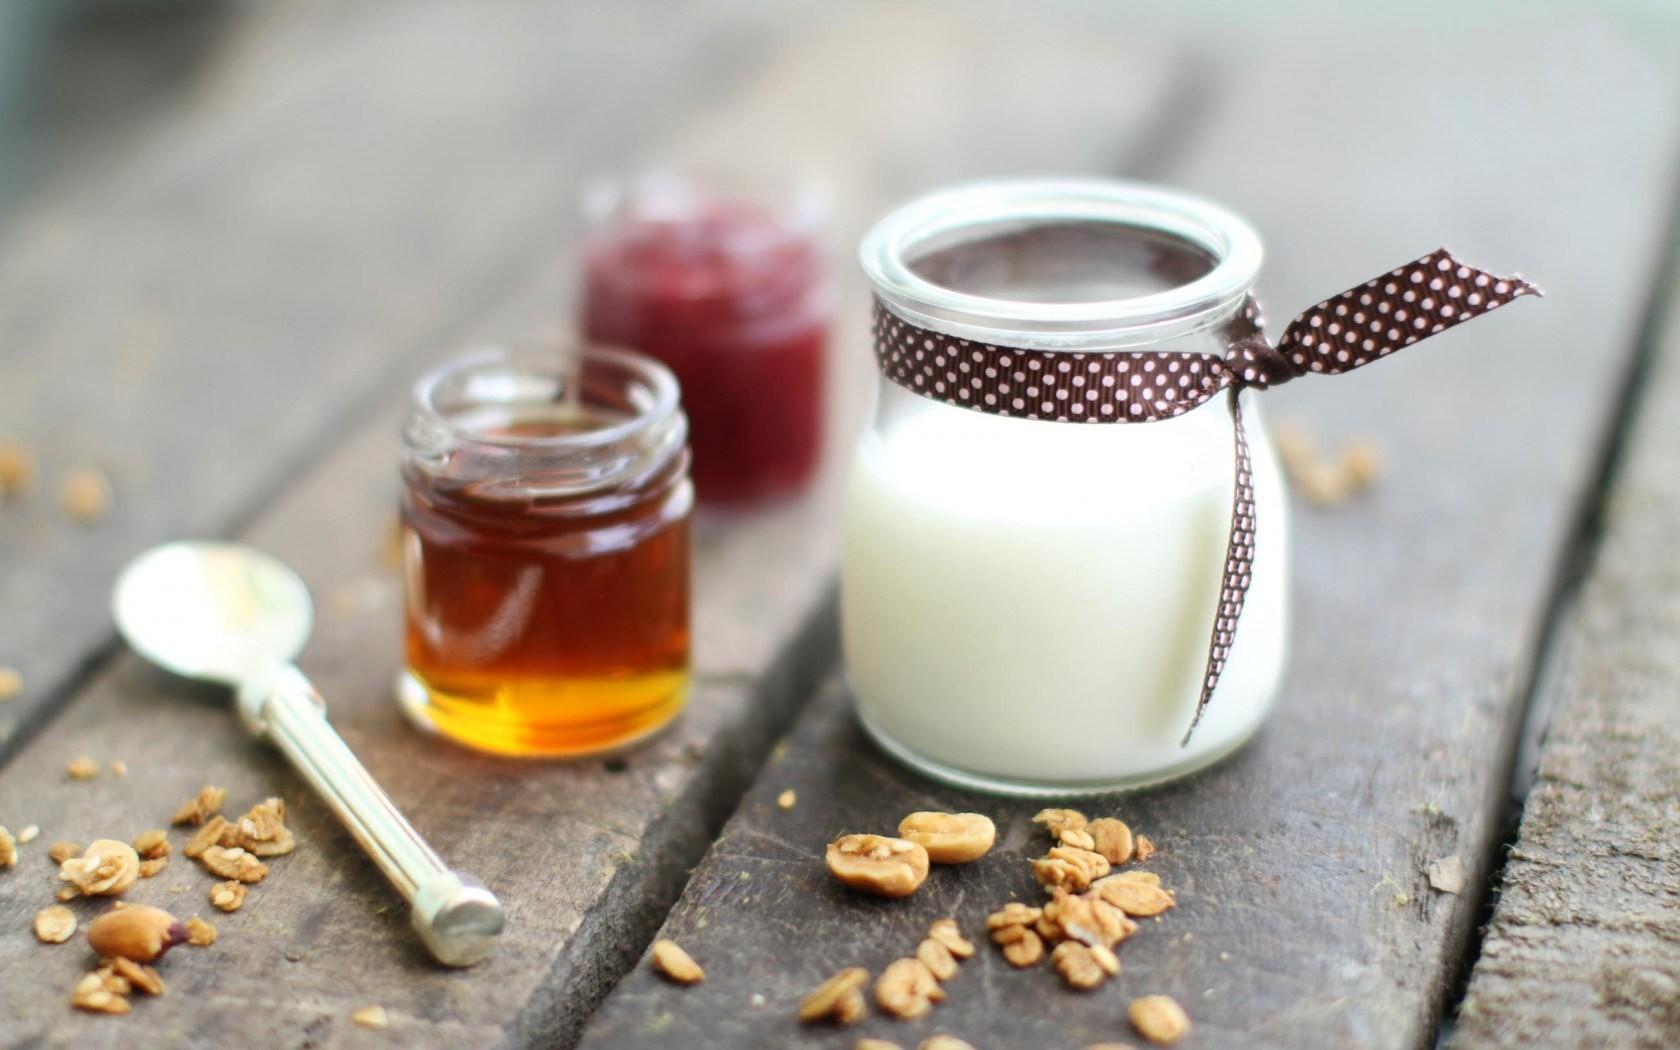 cách làm mặt nạ nha đam mật ong, nha đam mật ong trị mụn, mặt nạ nha đam và mật ong, cách làm mặt nạ nha đam và mật ong, mặt nạ nha đam mật ong trị mụn, mặt nạ nha đam mật ong dầu dừa, mặt nạ nha đam mật ong nghệ, mặt nạ nha đam mật ong sữa chua, mặt nạ nha đam với mật ong, mặt nạ từ nha đam và mật ong, mặt nạ nha đam tinh bột nghệ mật ong, mặt nạ nha đam bột nghệ, đắp mặt nạ nha đam mật ong, đắp mặt nạ nha đam và mật ong, làm mặt nạ nha đam mật ong, làm mặt nạ nha đam với mật ong, mặt nạ nha đam mật ong sữa tươi, mặt nạ nha đam mật ong vitamin e, mặt nạ nha đam mật ong dùng dần, tác dụng của mặt nạ nha đam mật ong, công dụng của mặt nạ nha đam mật ong, mặt nạ nha đam bột nghệ mật ong, đắp mặt nạ bằng nha đam và mật ong, đắp mặt nạ bằng nha đam với mật ong, mặt nạ nha đam nghệ mật ong, tác dụng mặt nạ nha đam mật ong, nha đam mật ong dầu dừa